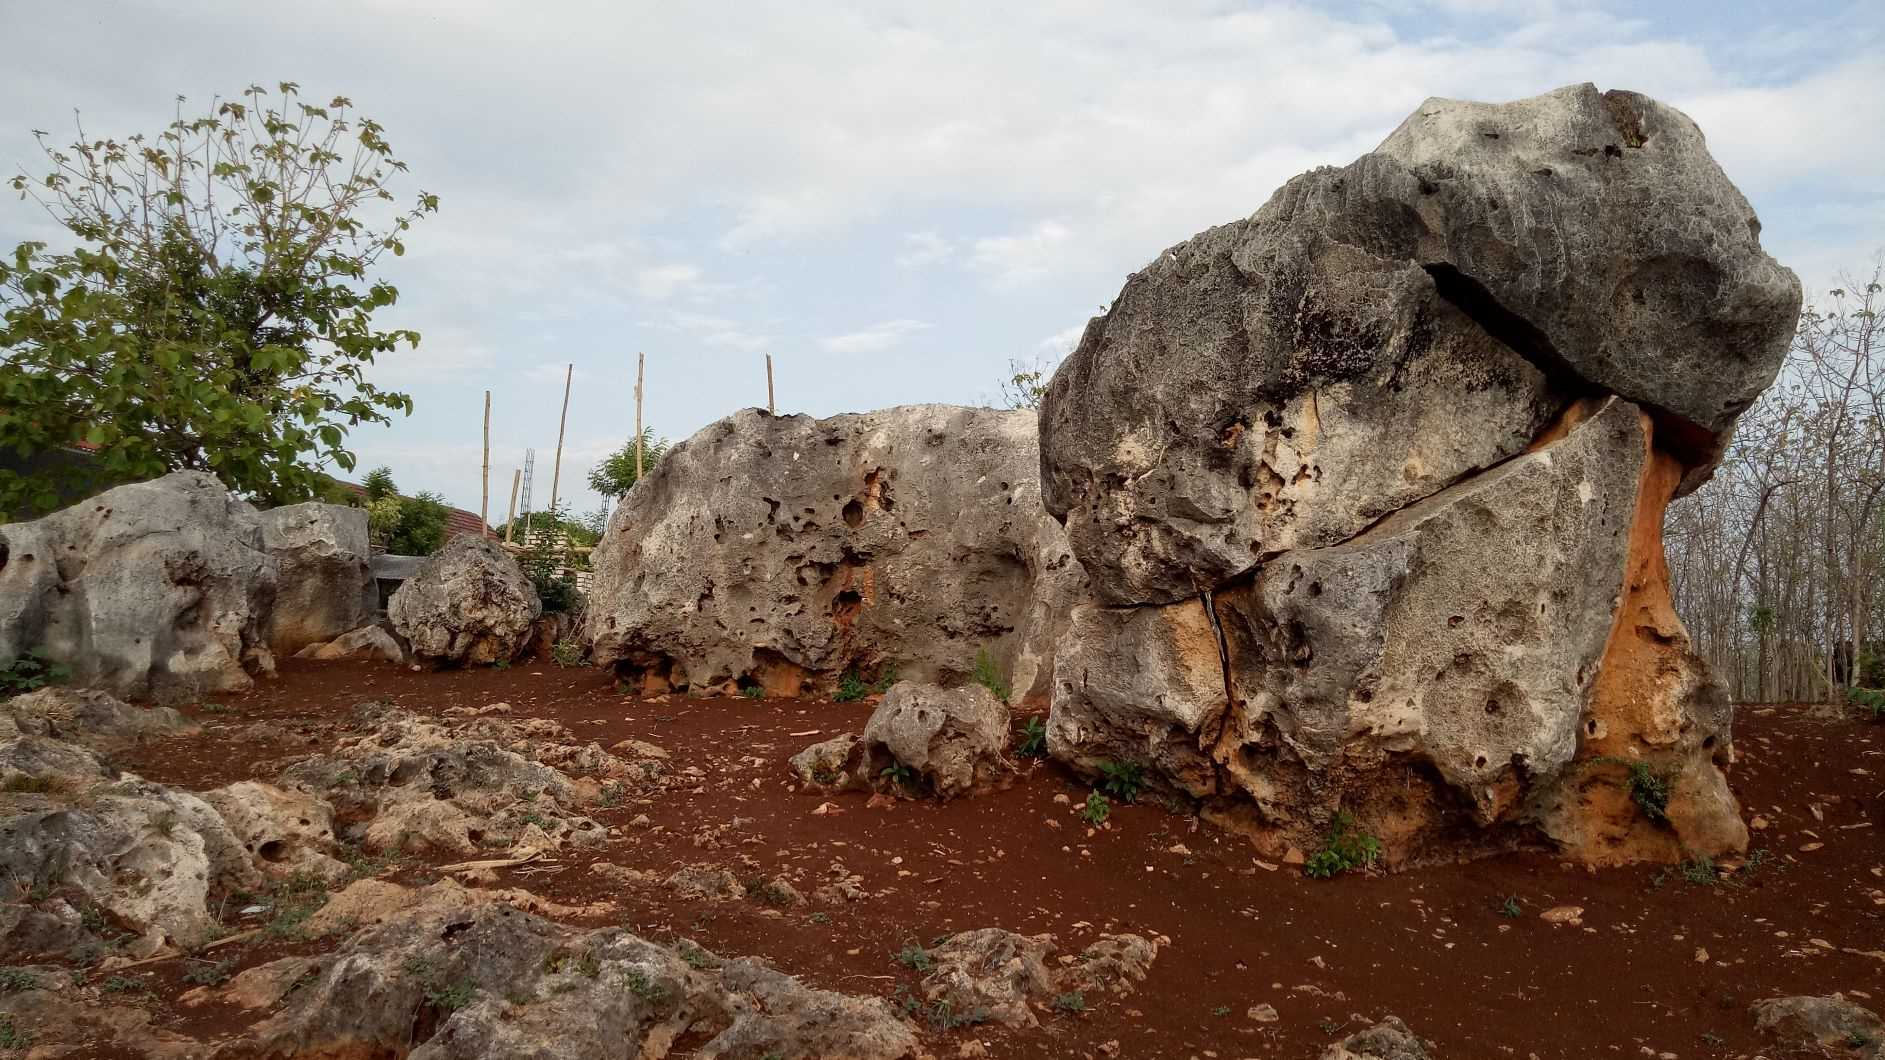 Situs Watu Gajah